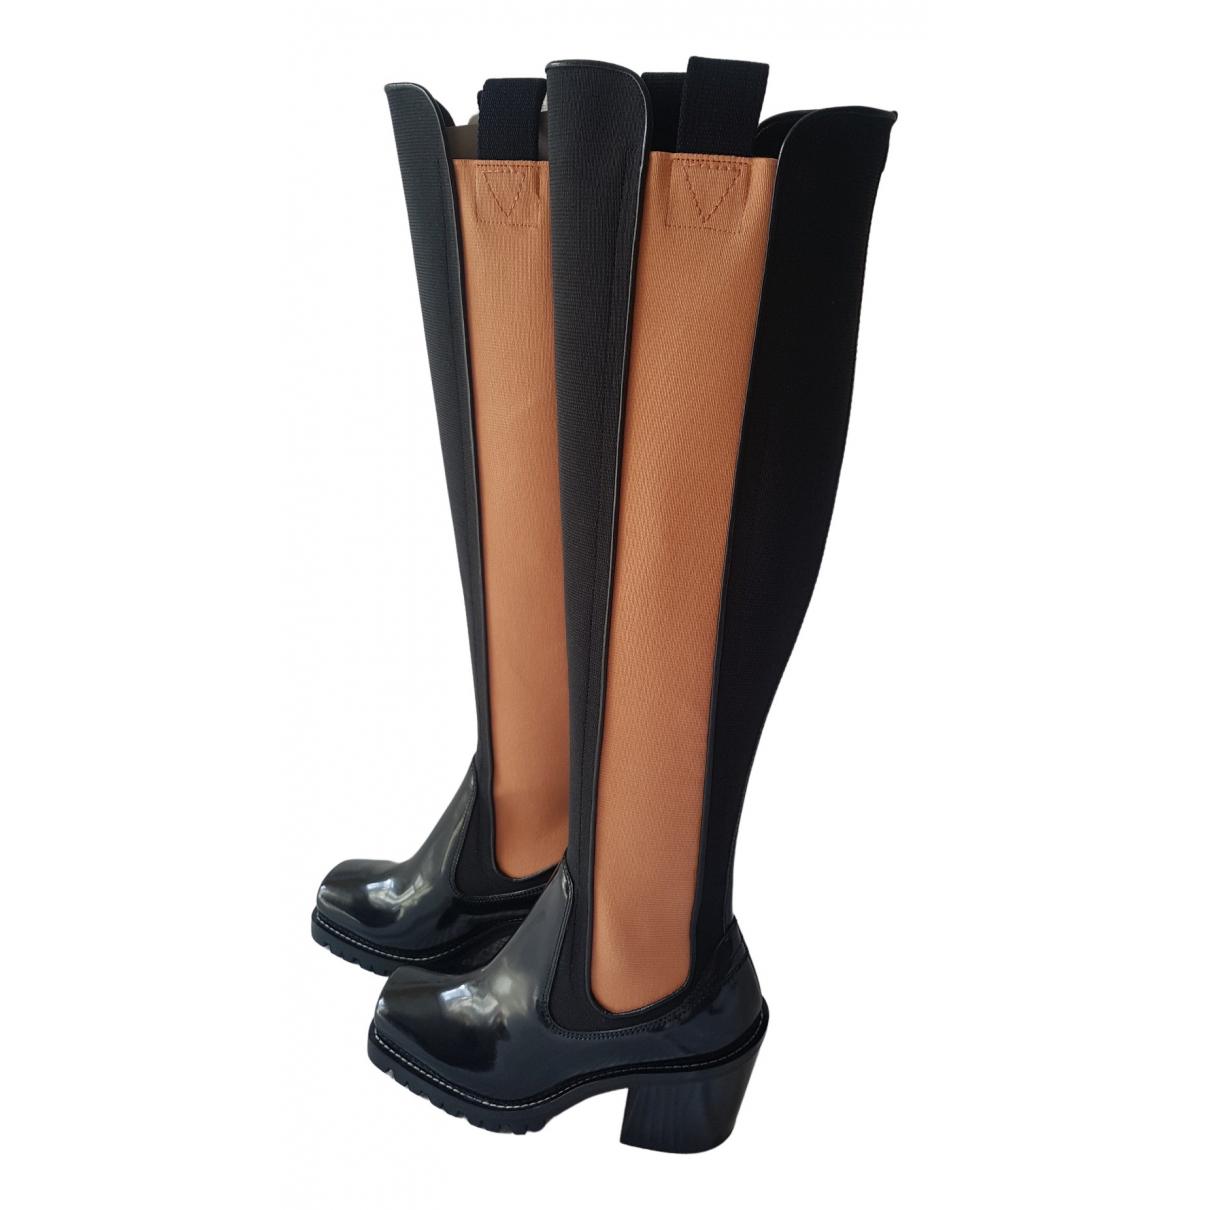 Louis Vuitton Limitless Stiefel in  Schwarz Leder